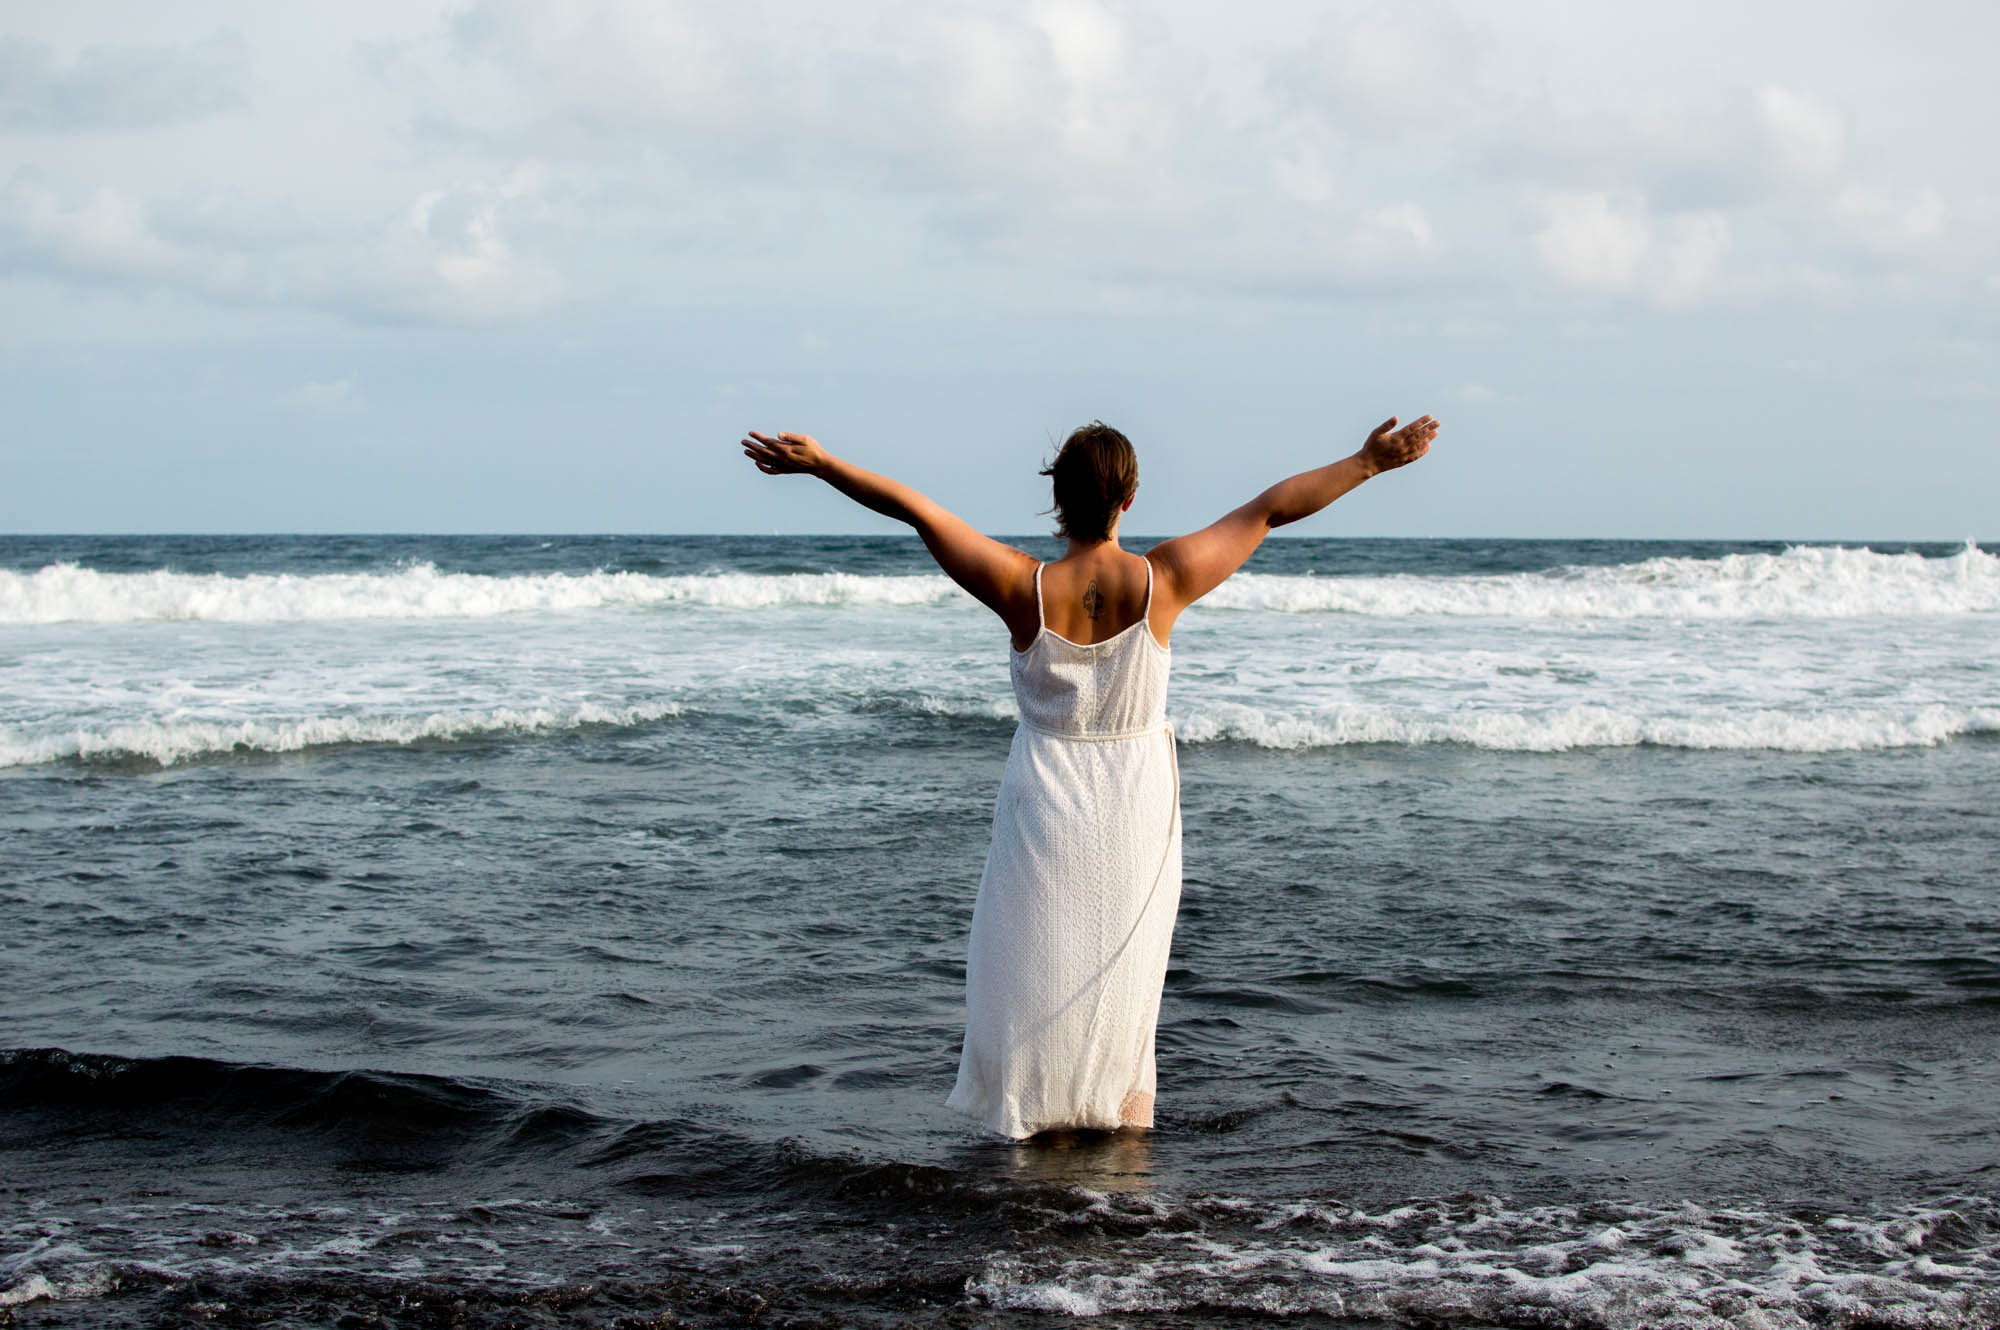 Bali Reisebericht Christine Raab am Meer von hinten im weißen Kleid Freiheit